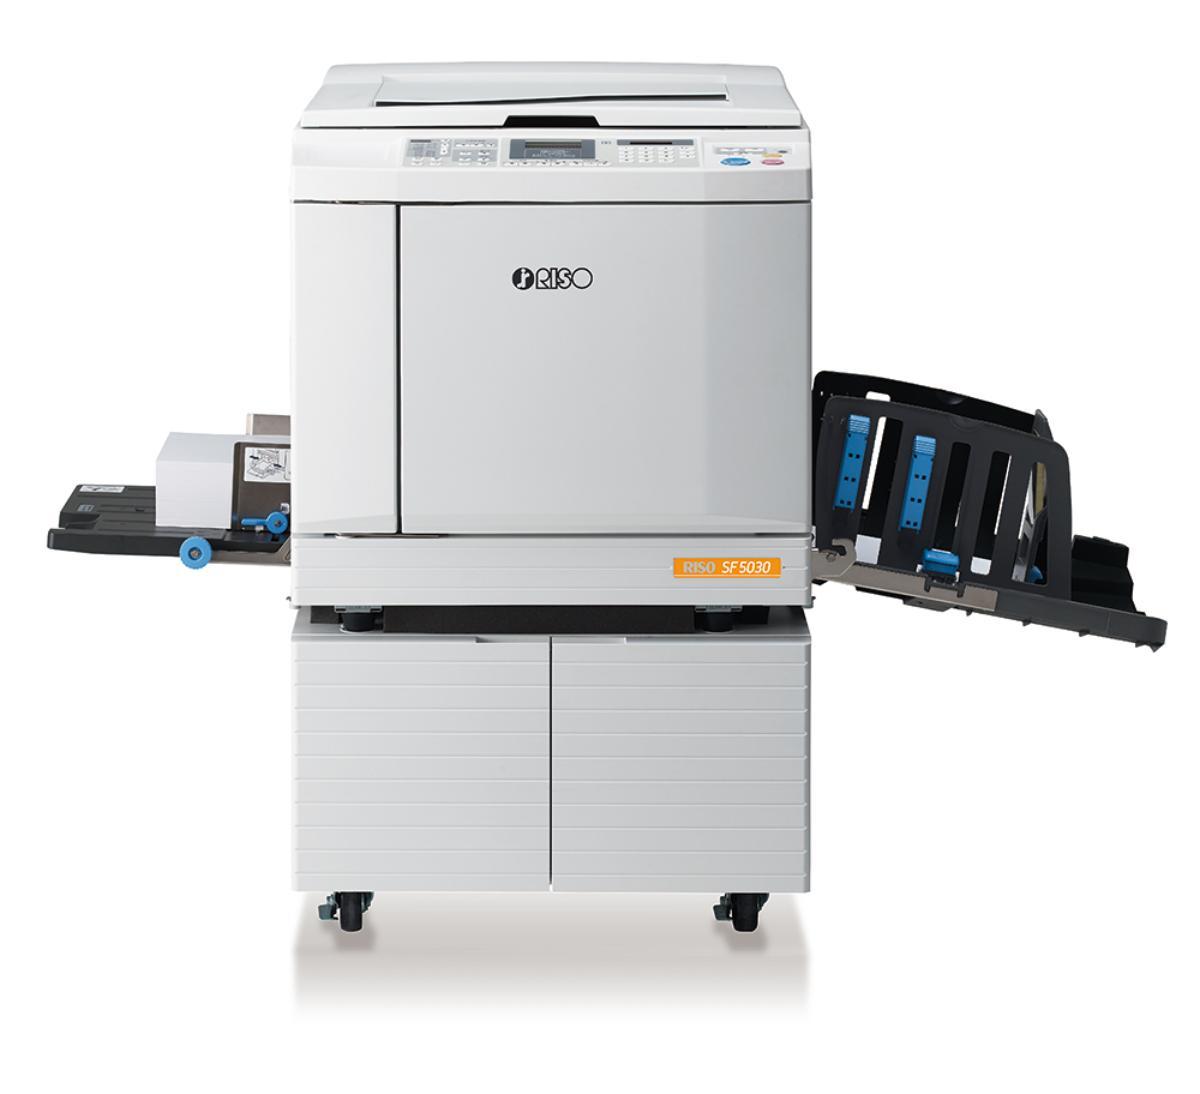 printere - Riso SF5030 Duplicator